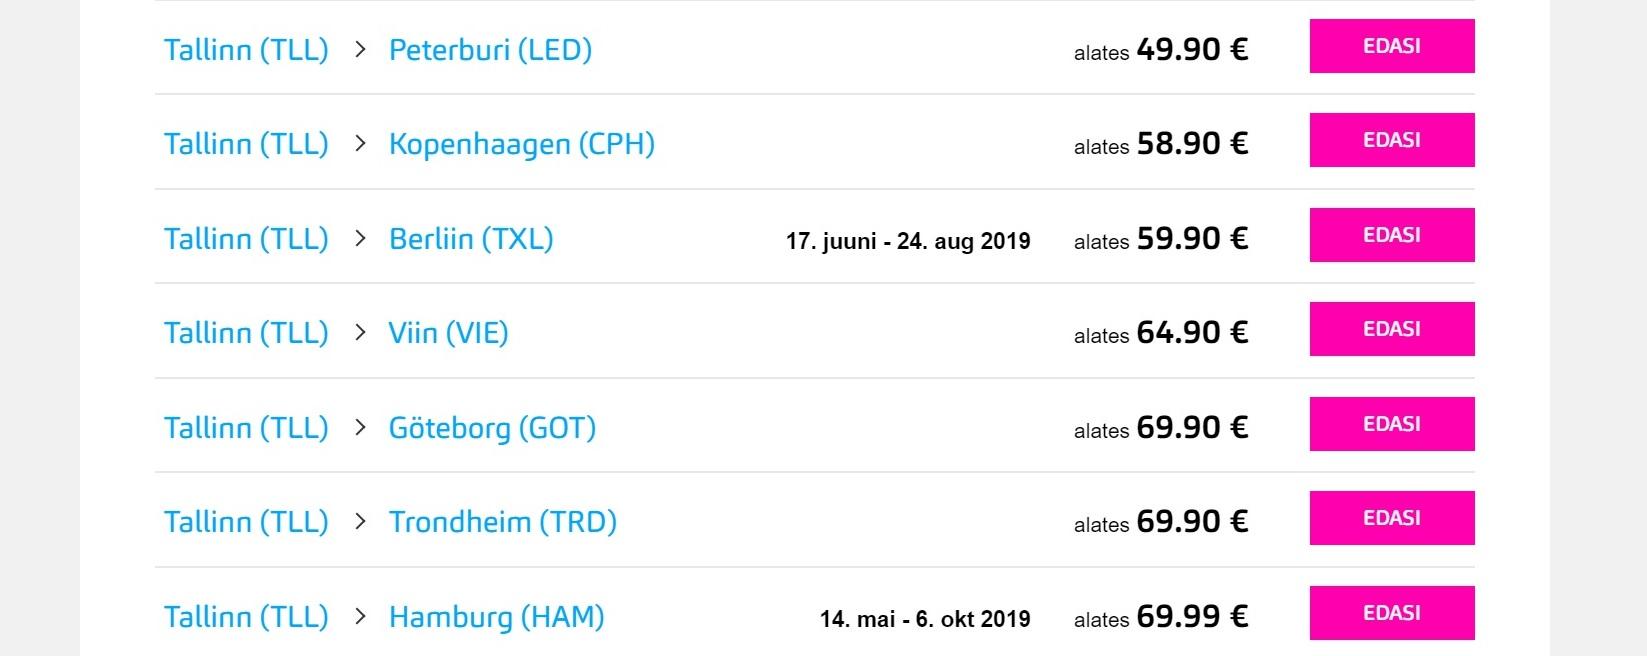 Nordica suvesihtkohad, mida tegelikult 2019. aastal ei tule.